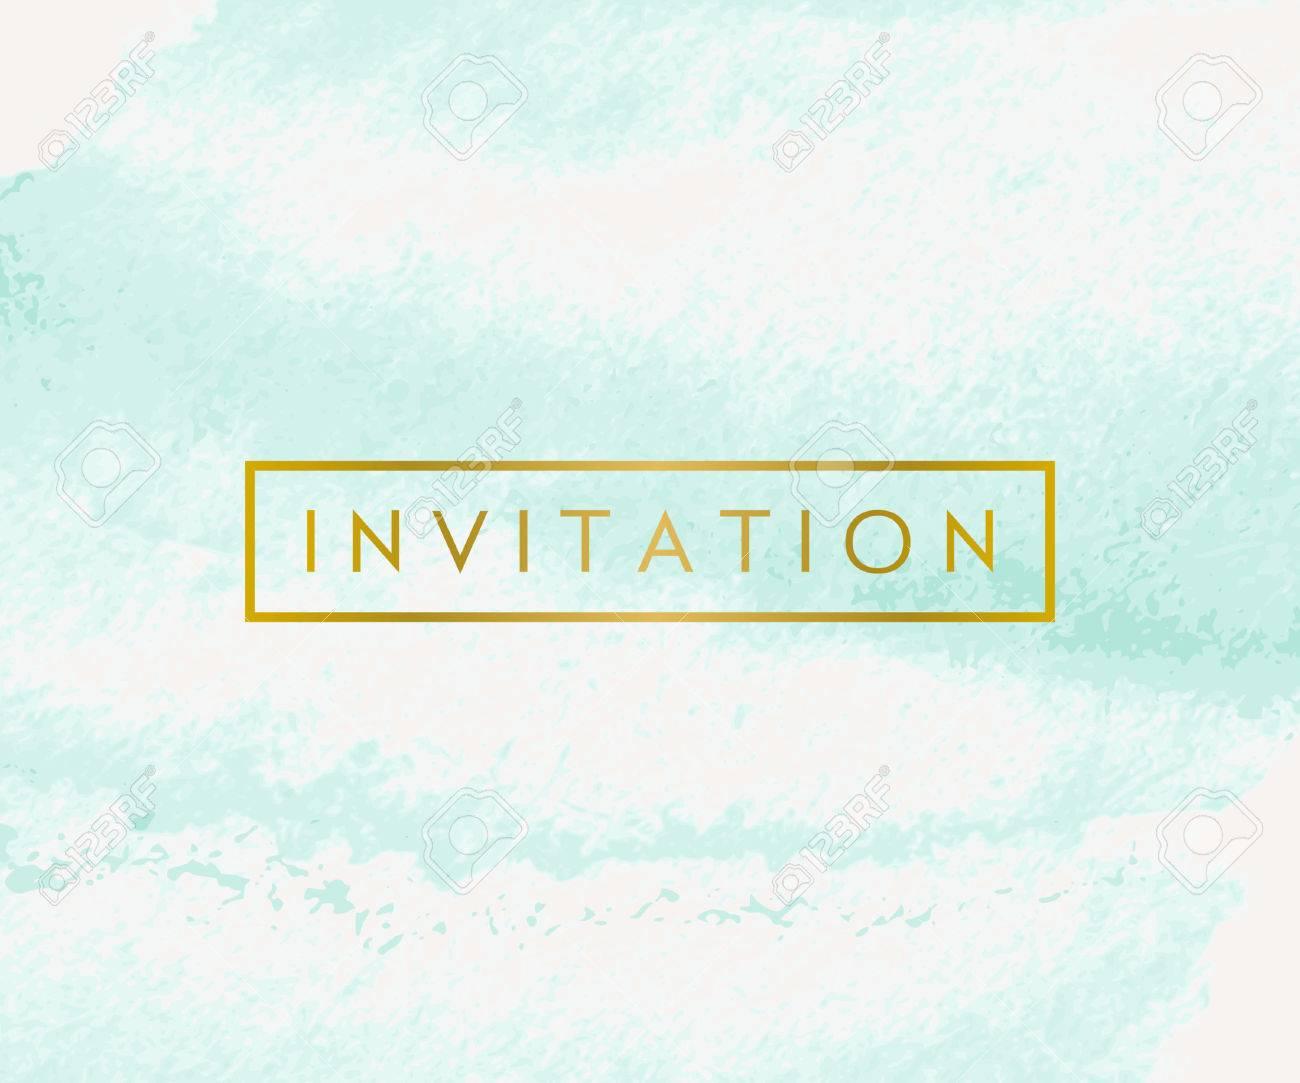 Hand Gezeichnet Aquarellpinselanschläge Einladung Design. Türkis Blau Und  Goldene Farbpalette. Das Moderne Und